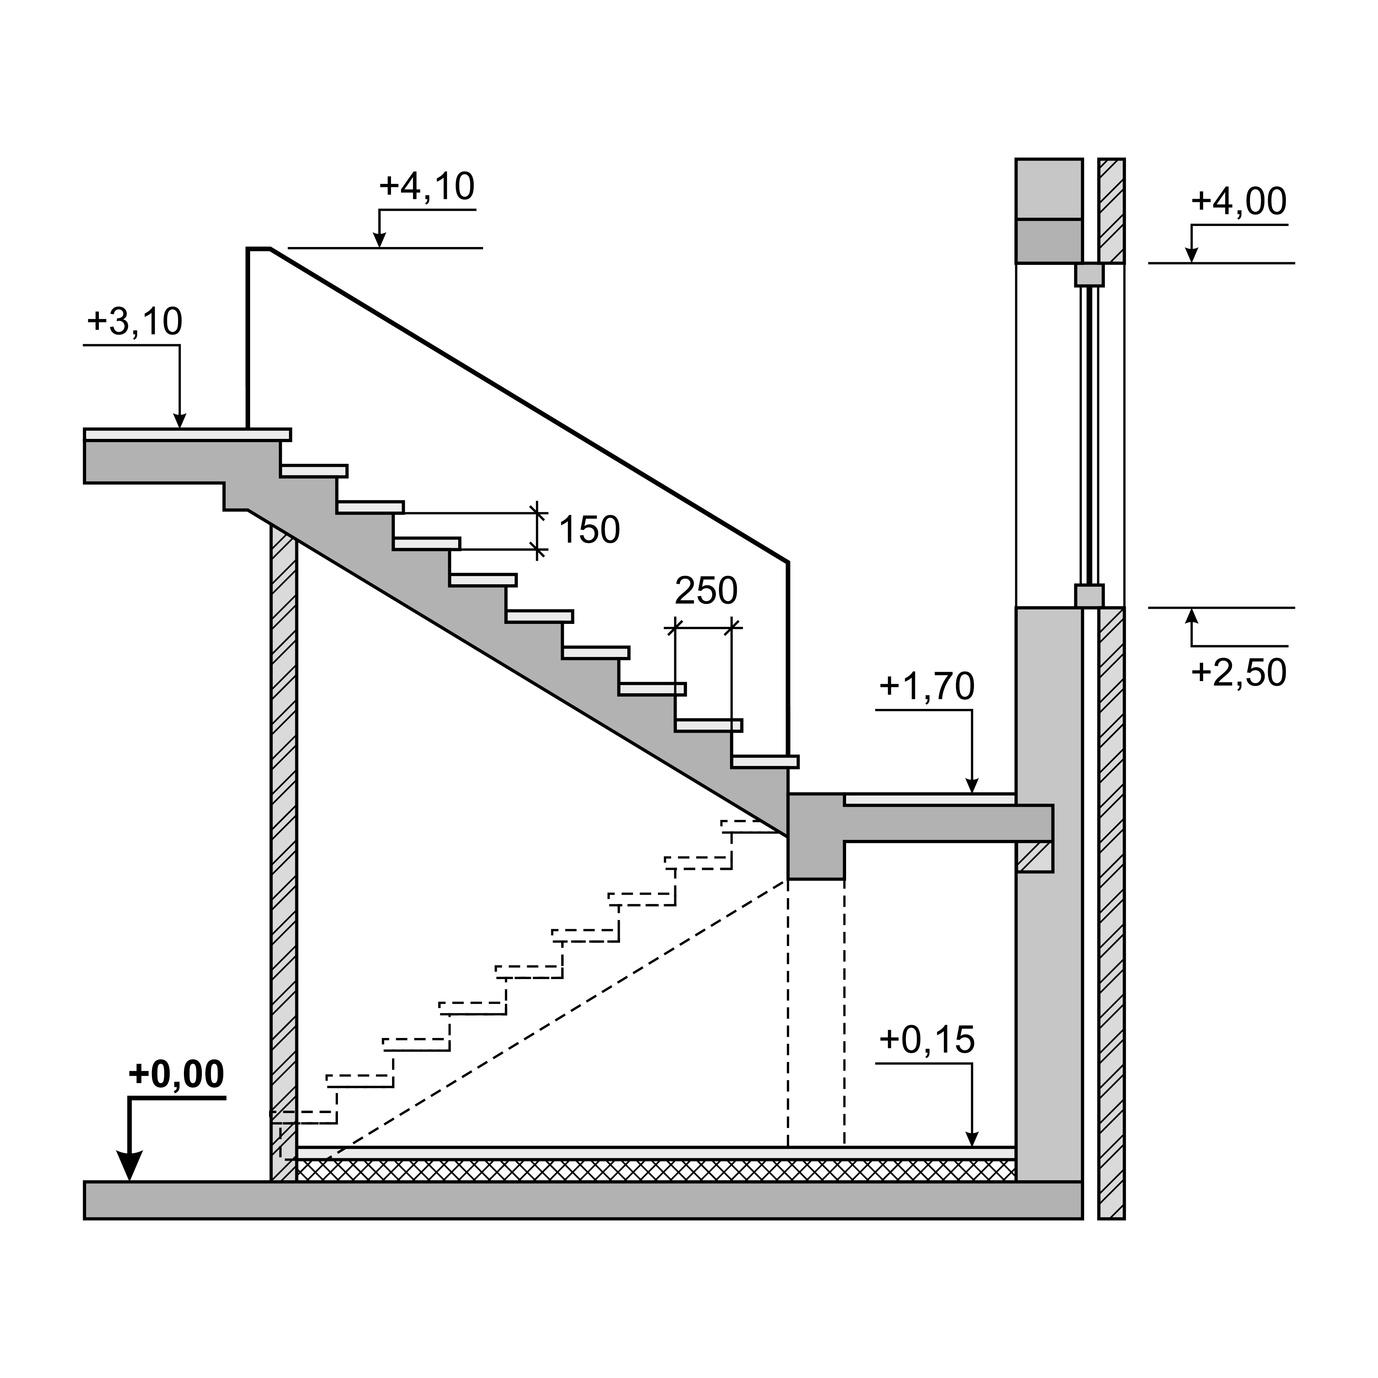 vorsicht treppe tipps f r mehr sicherheit maler rommel. Black Bedroom Furniture Sets. Home Design Ideas